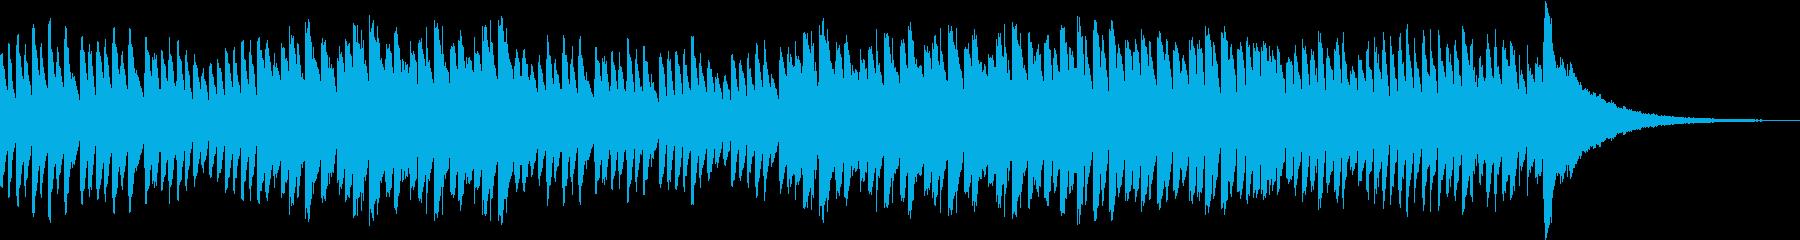 回想シーンにぴったりなぽろろんピアノの再生済みの波形